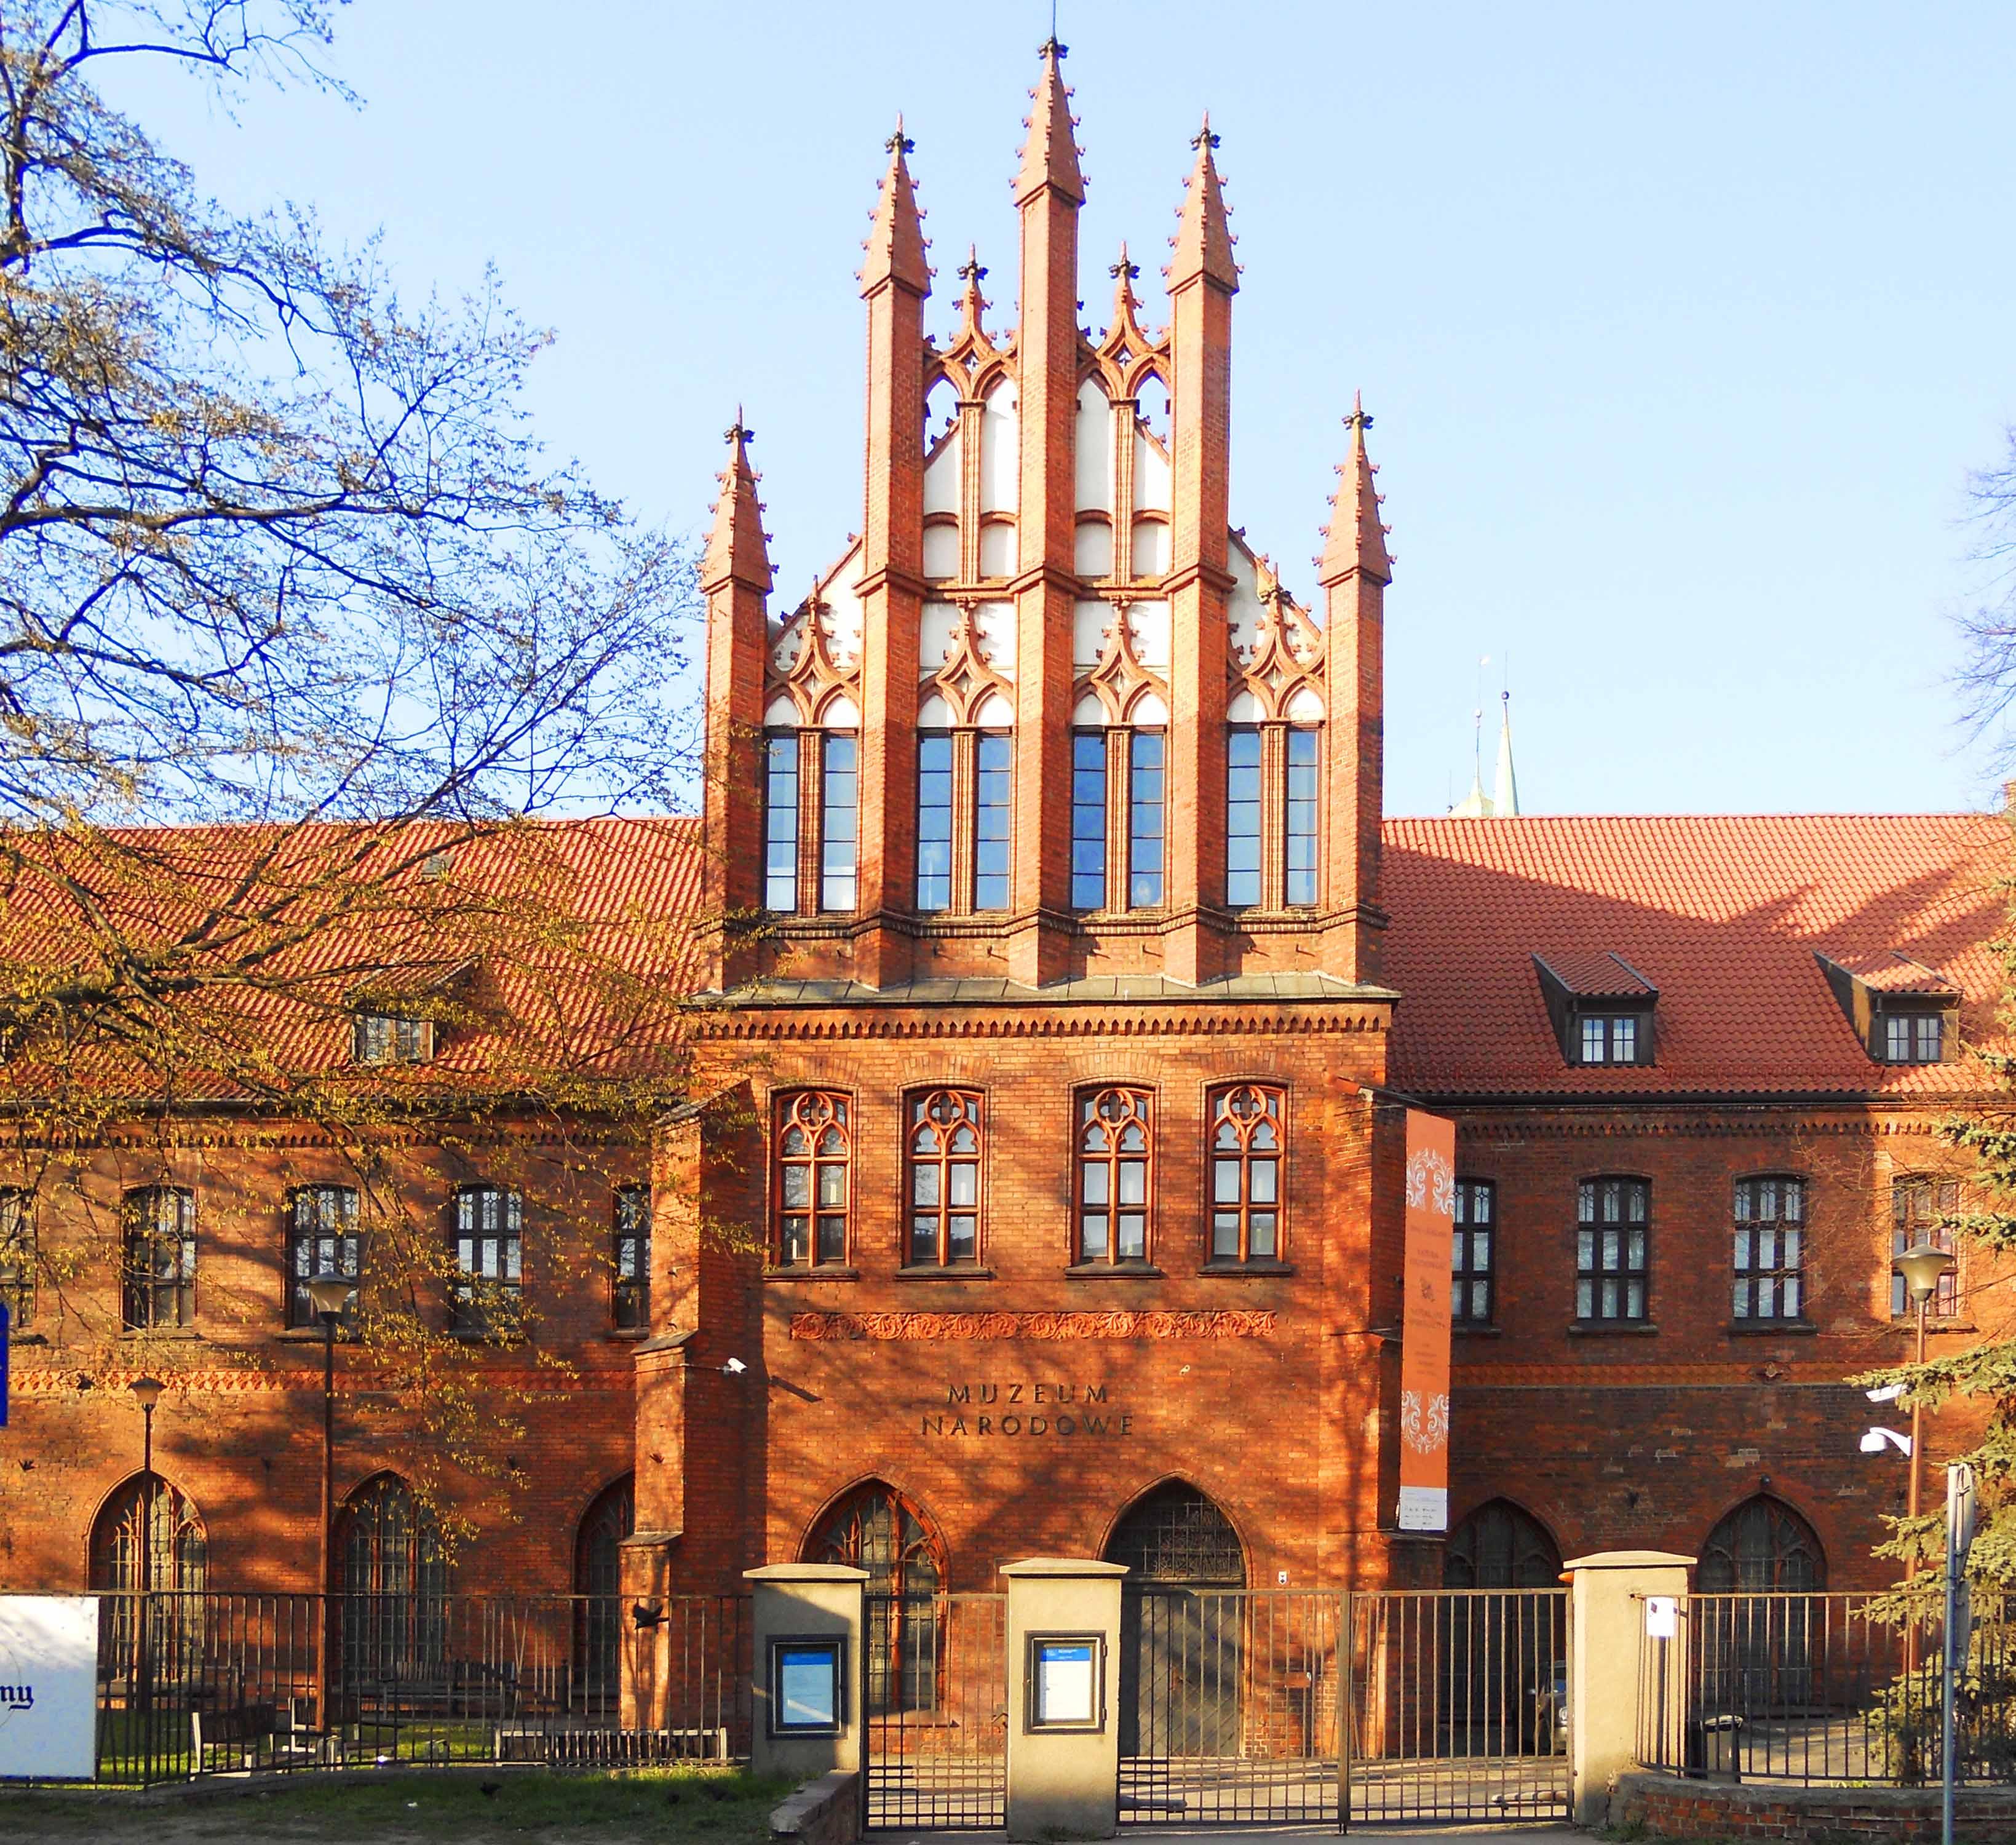 Muzem Narodowe w Gdańsku